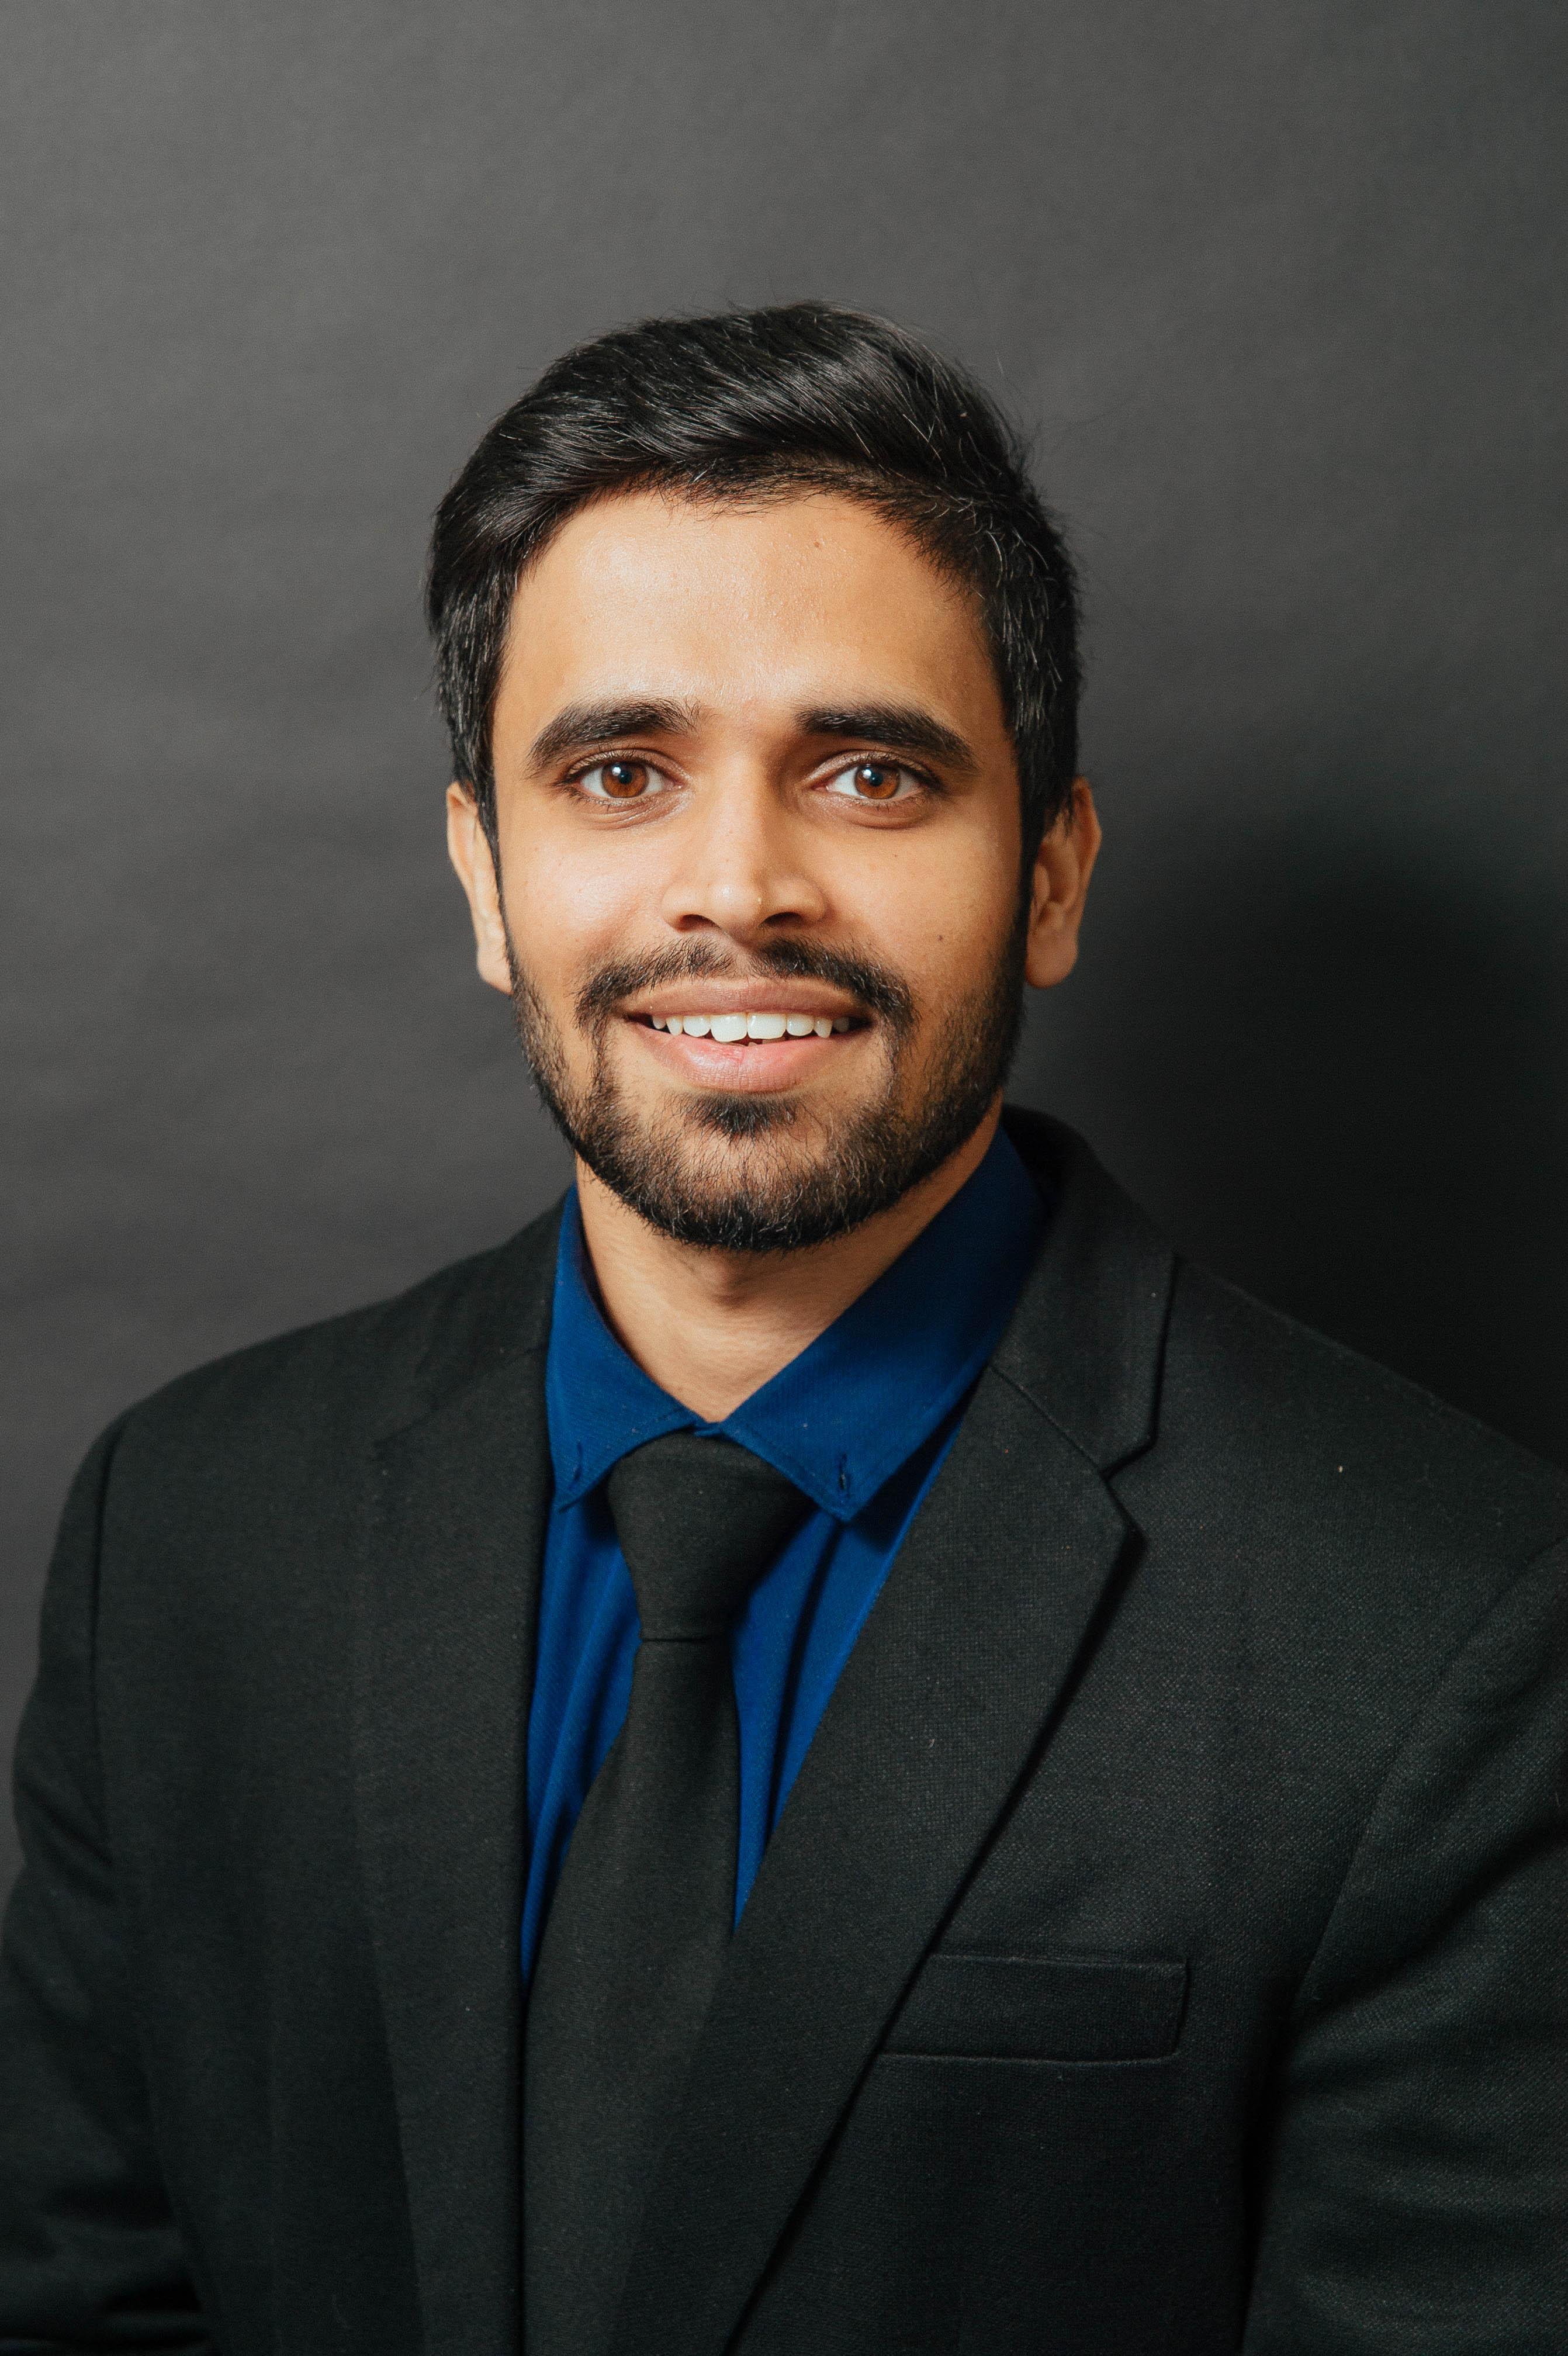 Headshot of Prateik Mahendra